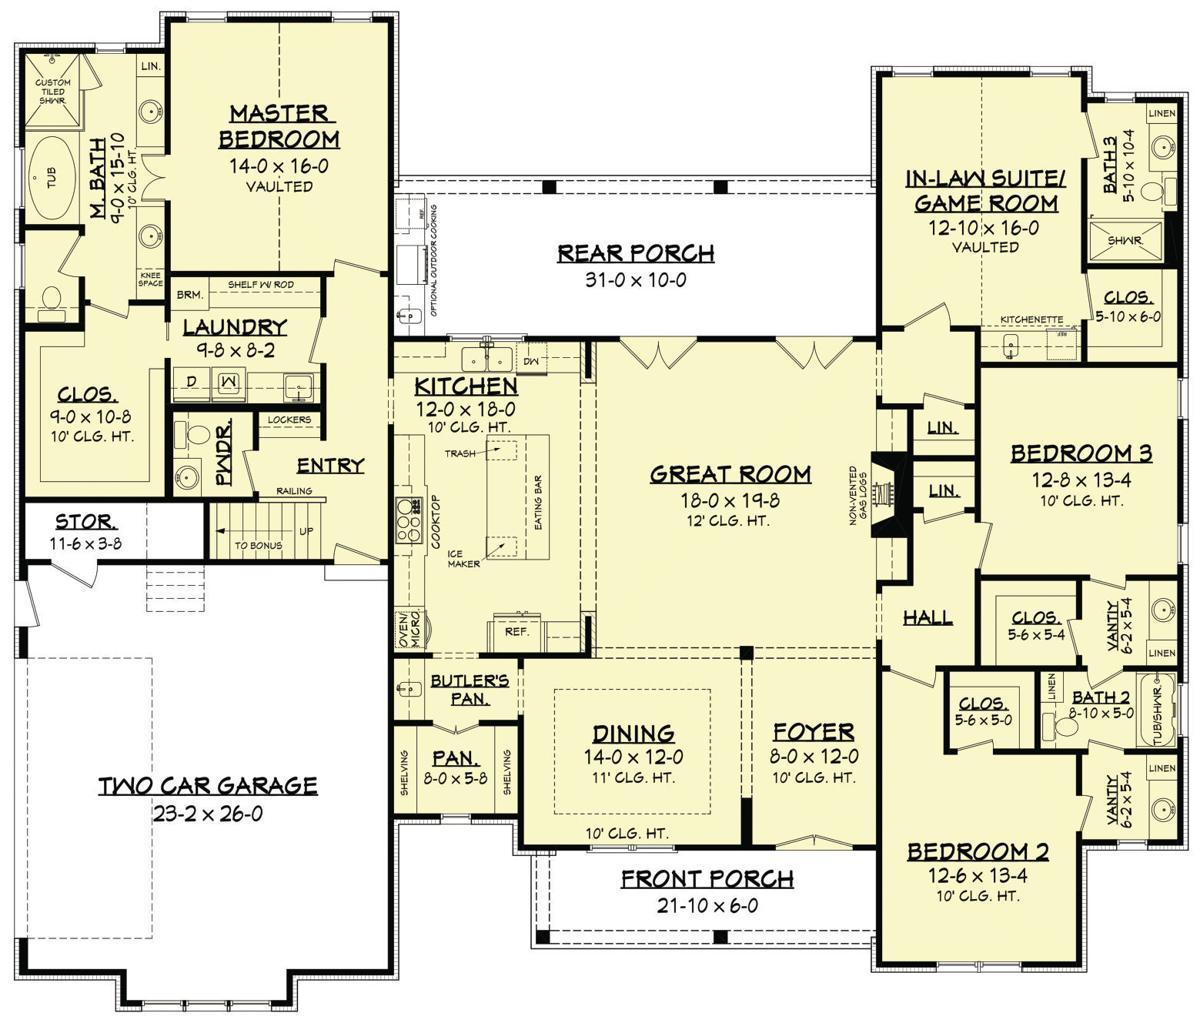 House Offers Farmhouse Flair With A Modern Floor Plan House And Home Fredericksburg Com